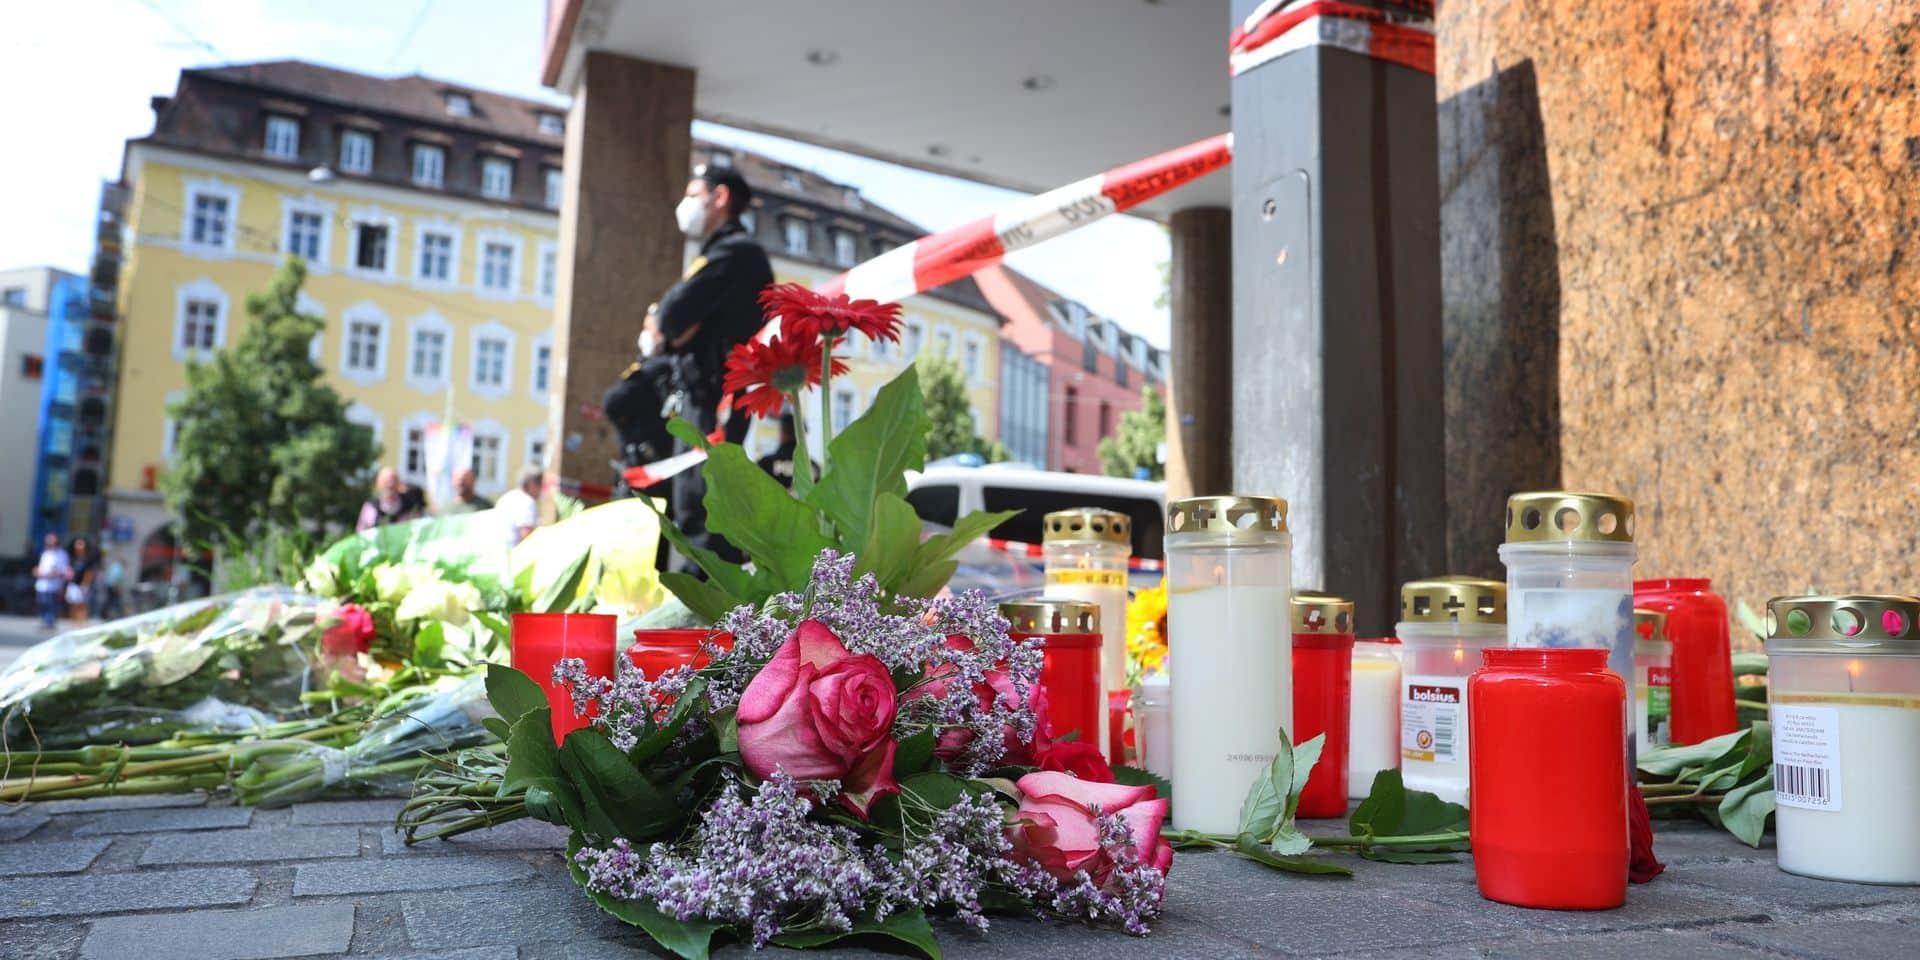 Attaque meurtrière en Allemagne : les enquêteurs n'excluent pas une radicalisation